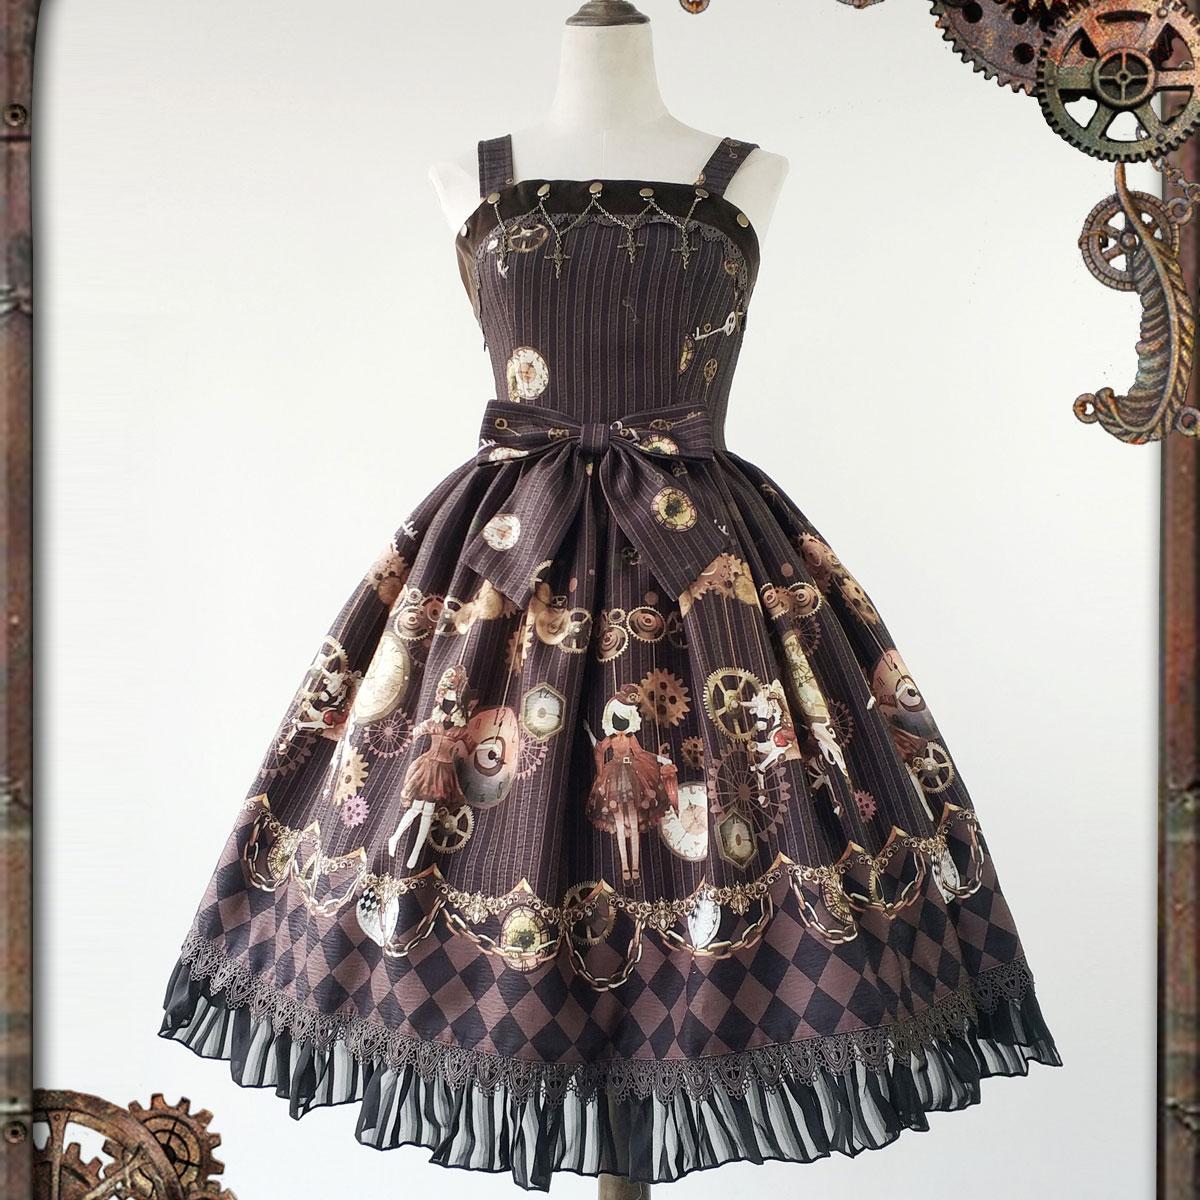 Robe Steampunk pour femme série de poupées mécaniques imprimé Lolita JSK robe par Infanta * pré-commande *